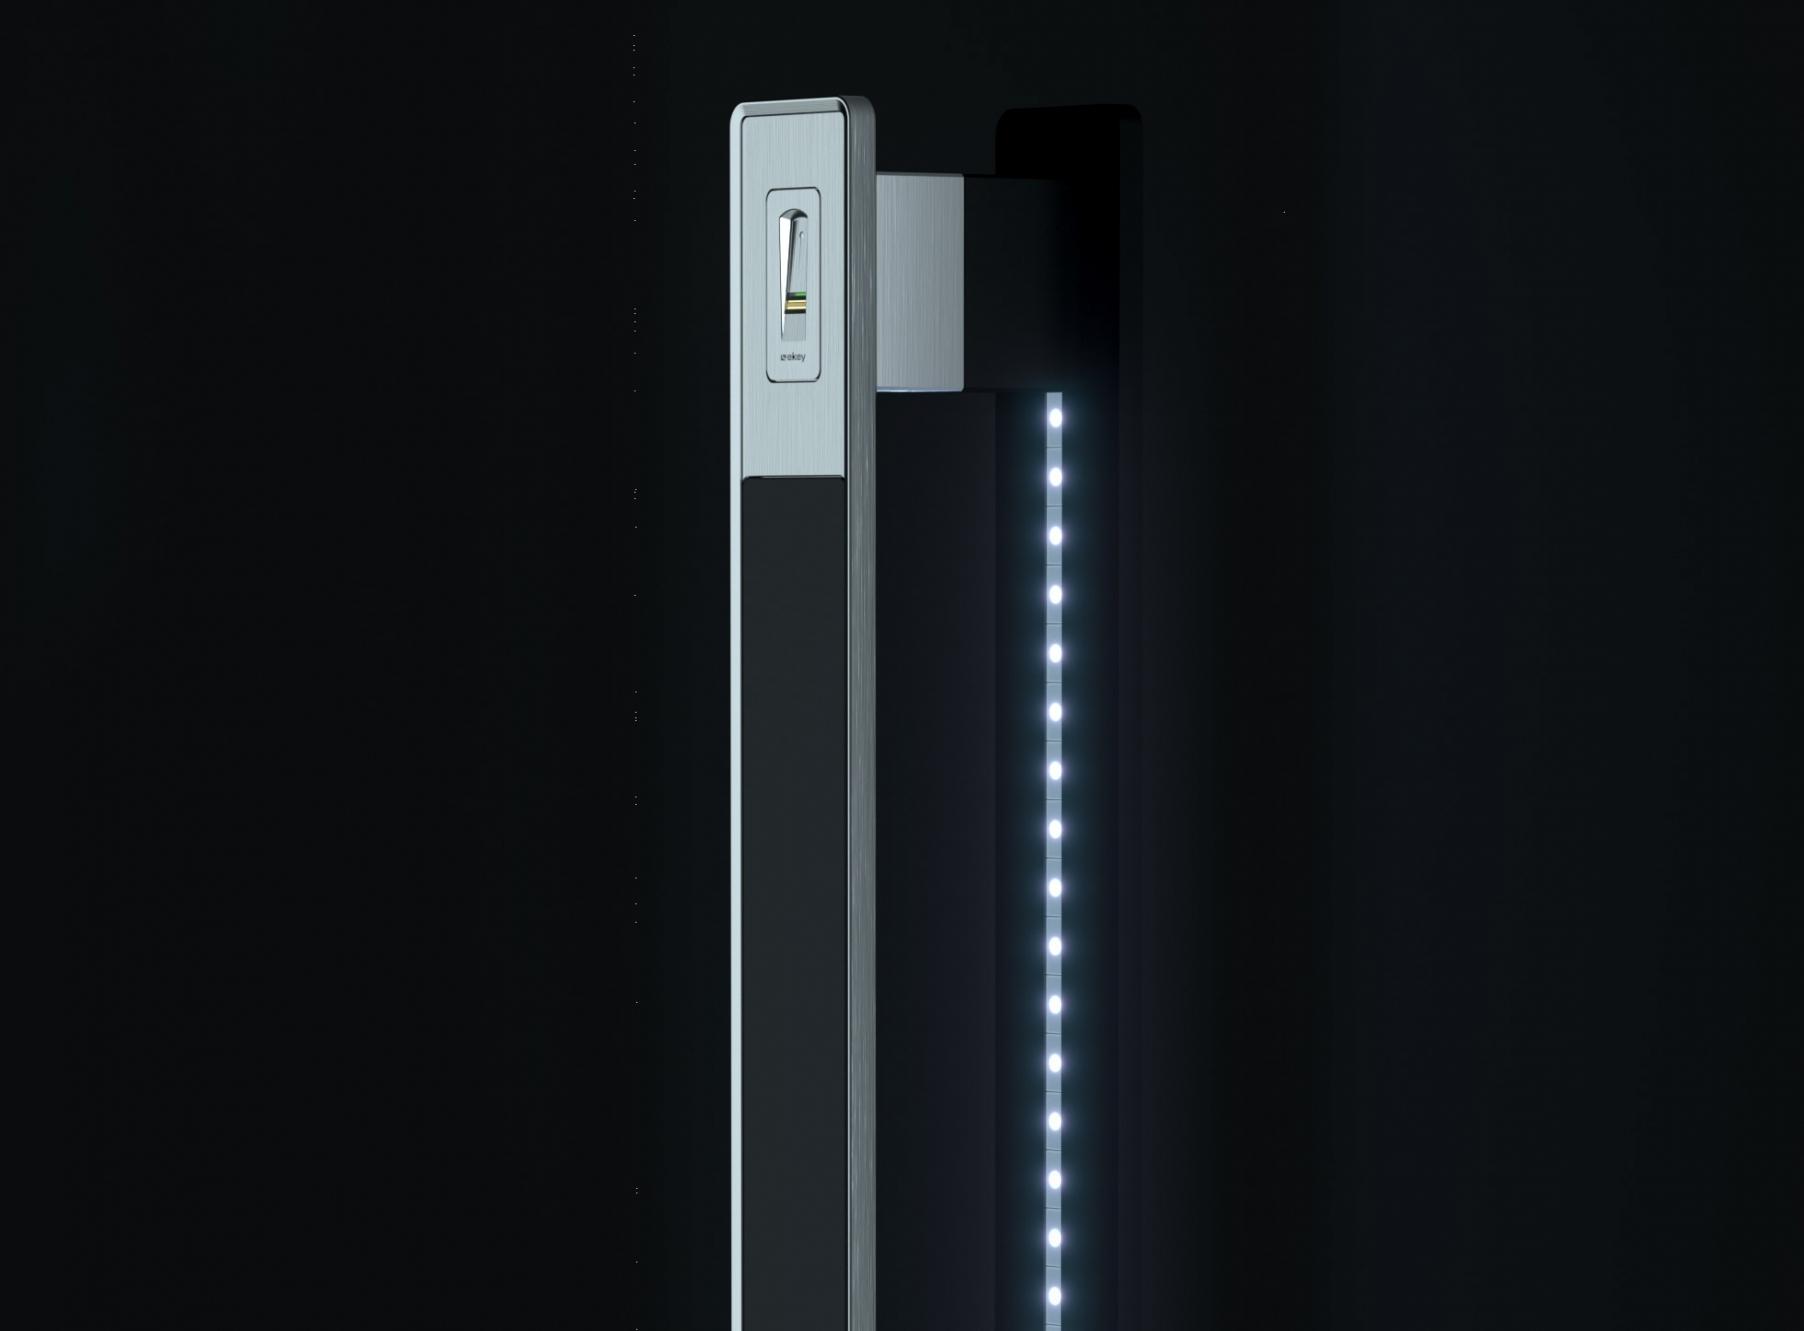 Ročaji s čitalnikom prstnih odtisov in LED svetili - Door handle with fingerprint scanner and LED lights - Haustuergriffe mit Fingerscanner und LED - Griffing